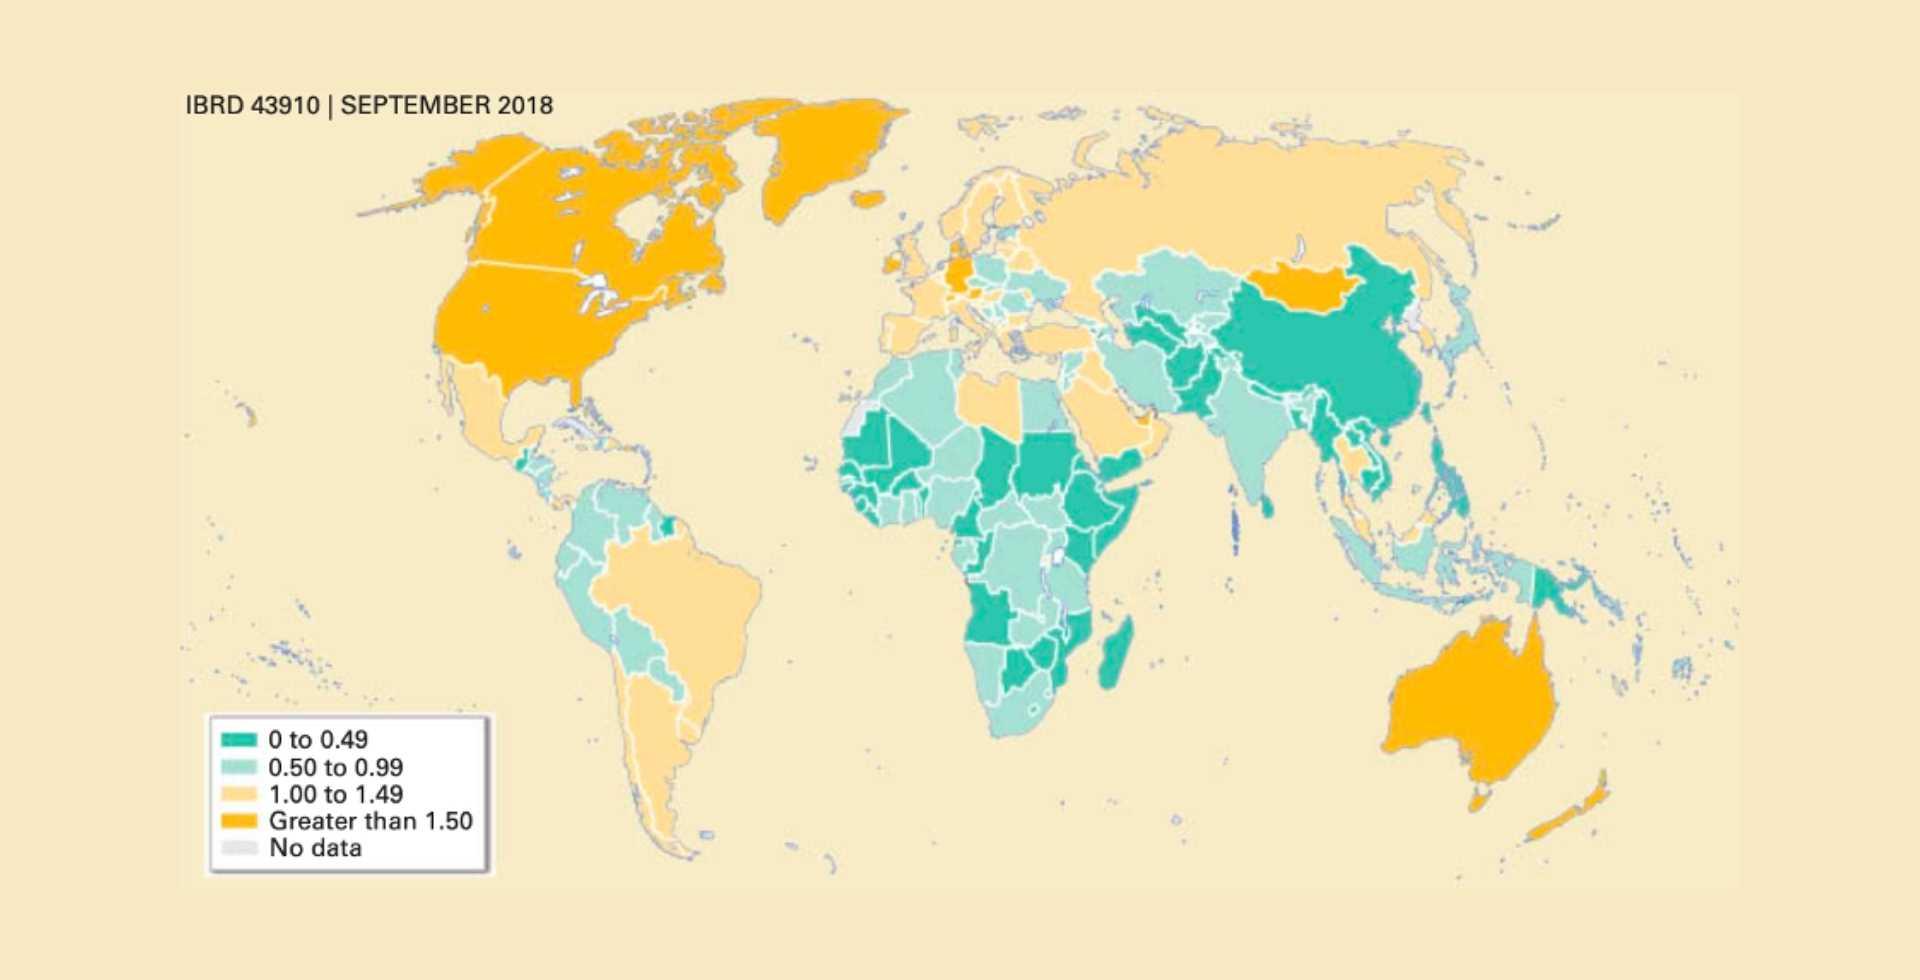 Produzione nazionale pro capite giornaliera di rifiuti espressa in kg (World Bank 2018